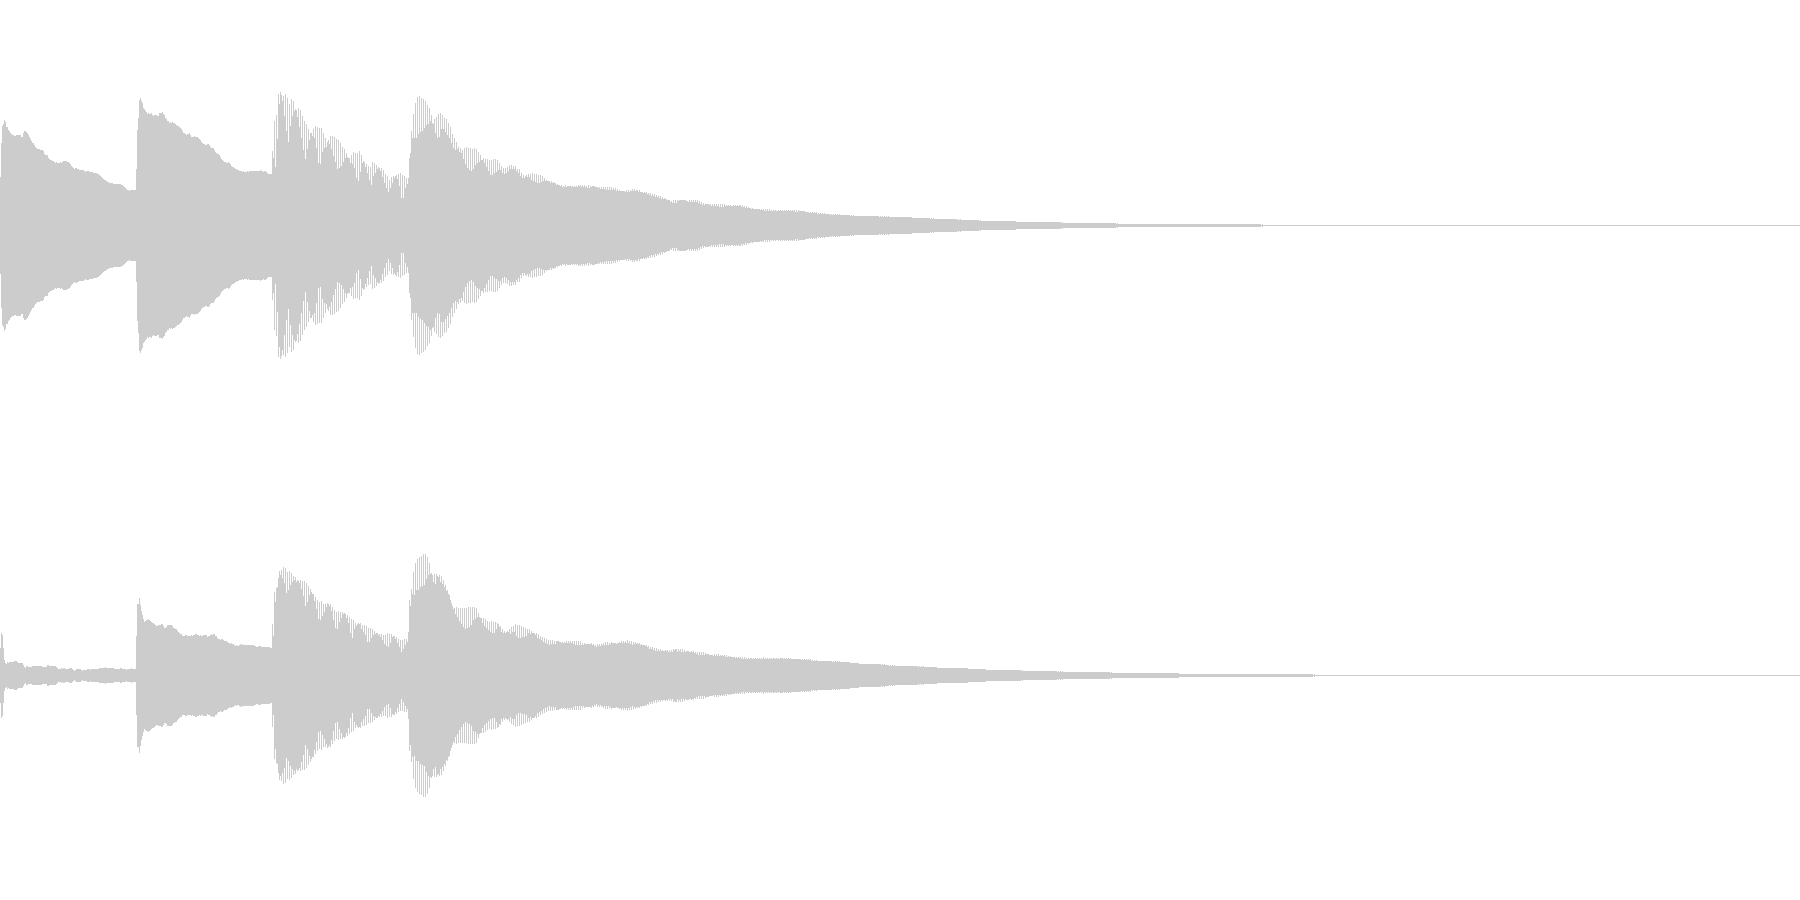 お知らせ・アナウンス音B下降(普通)02の未再生の波形